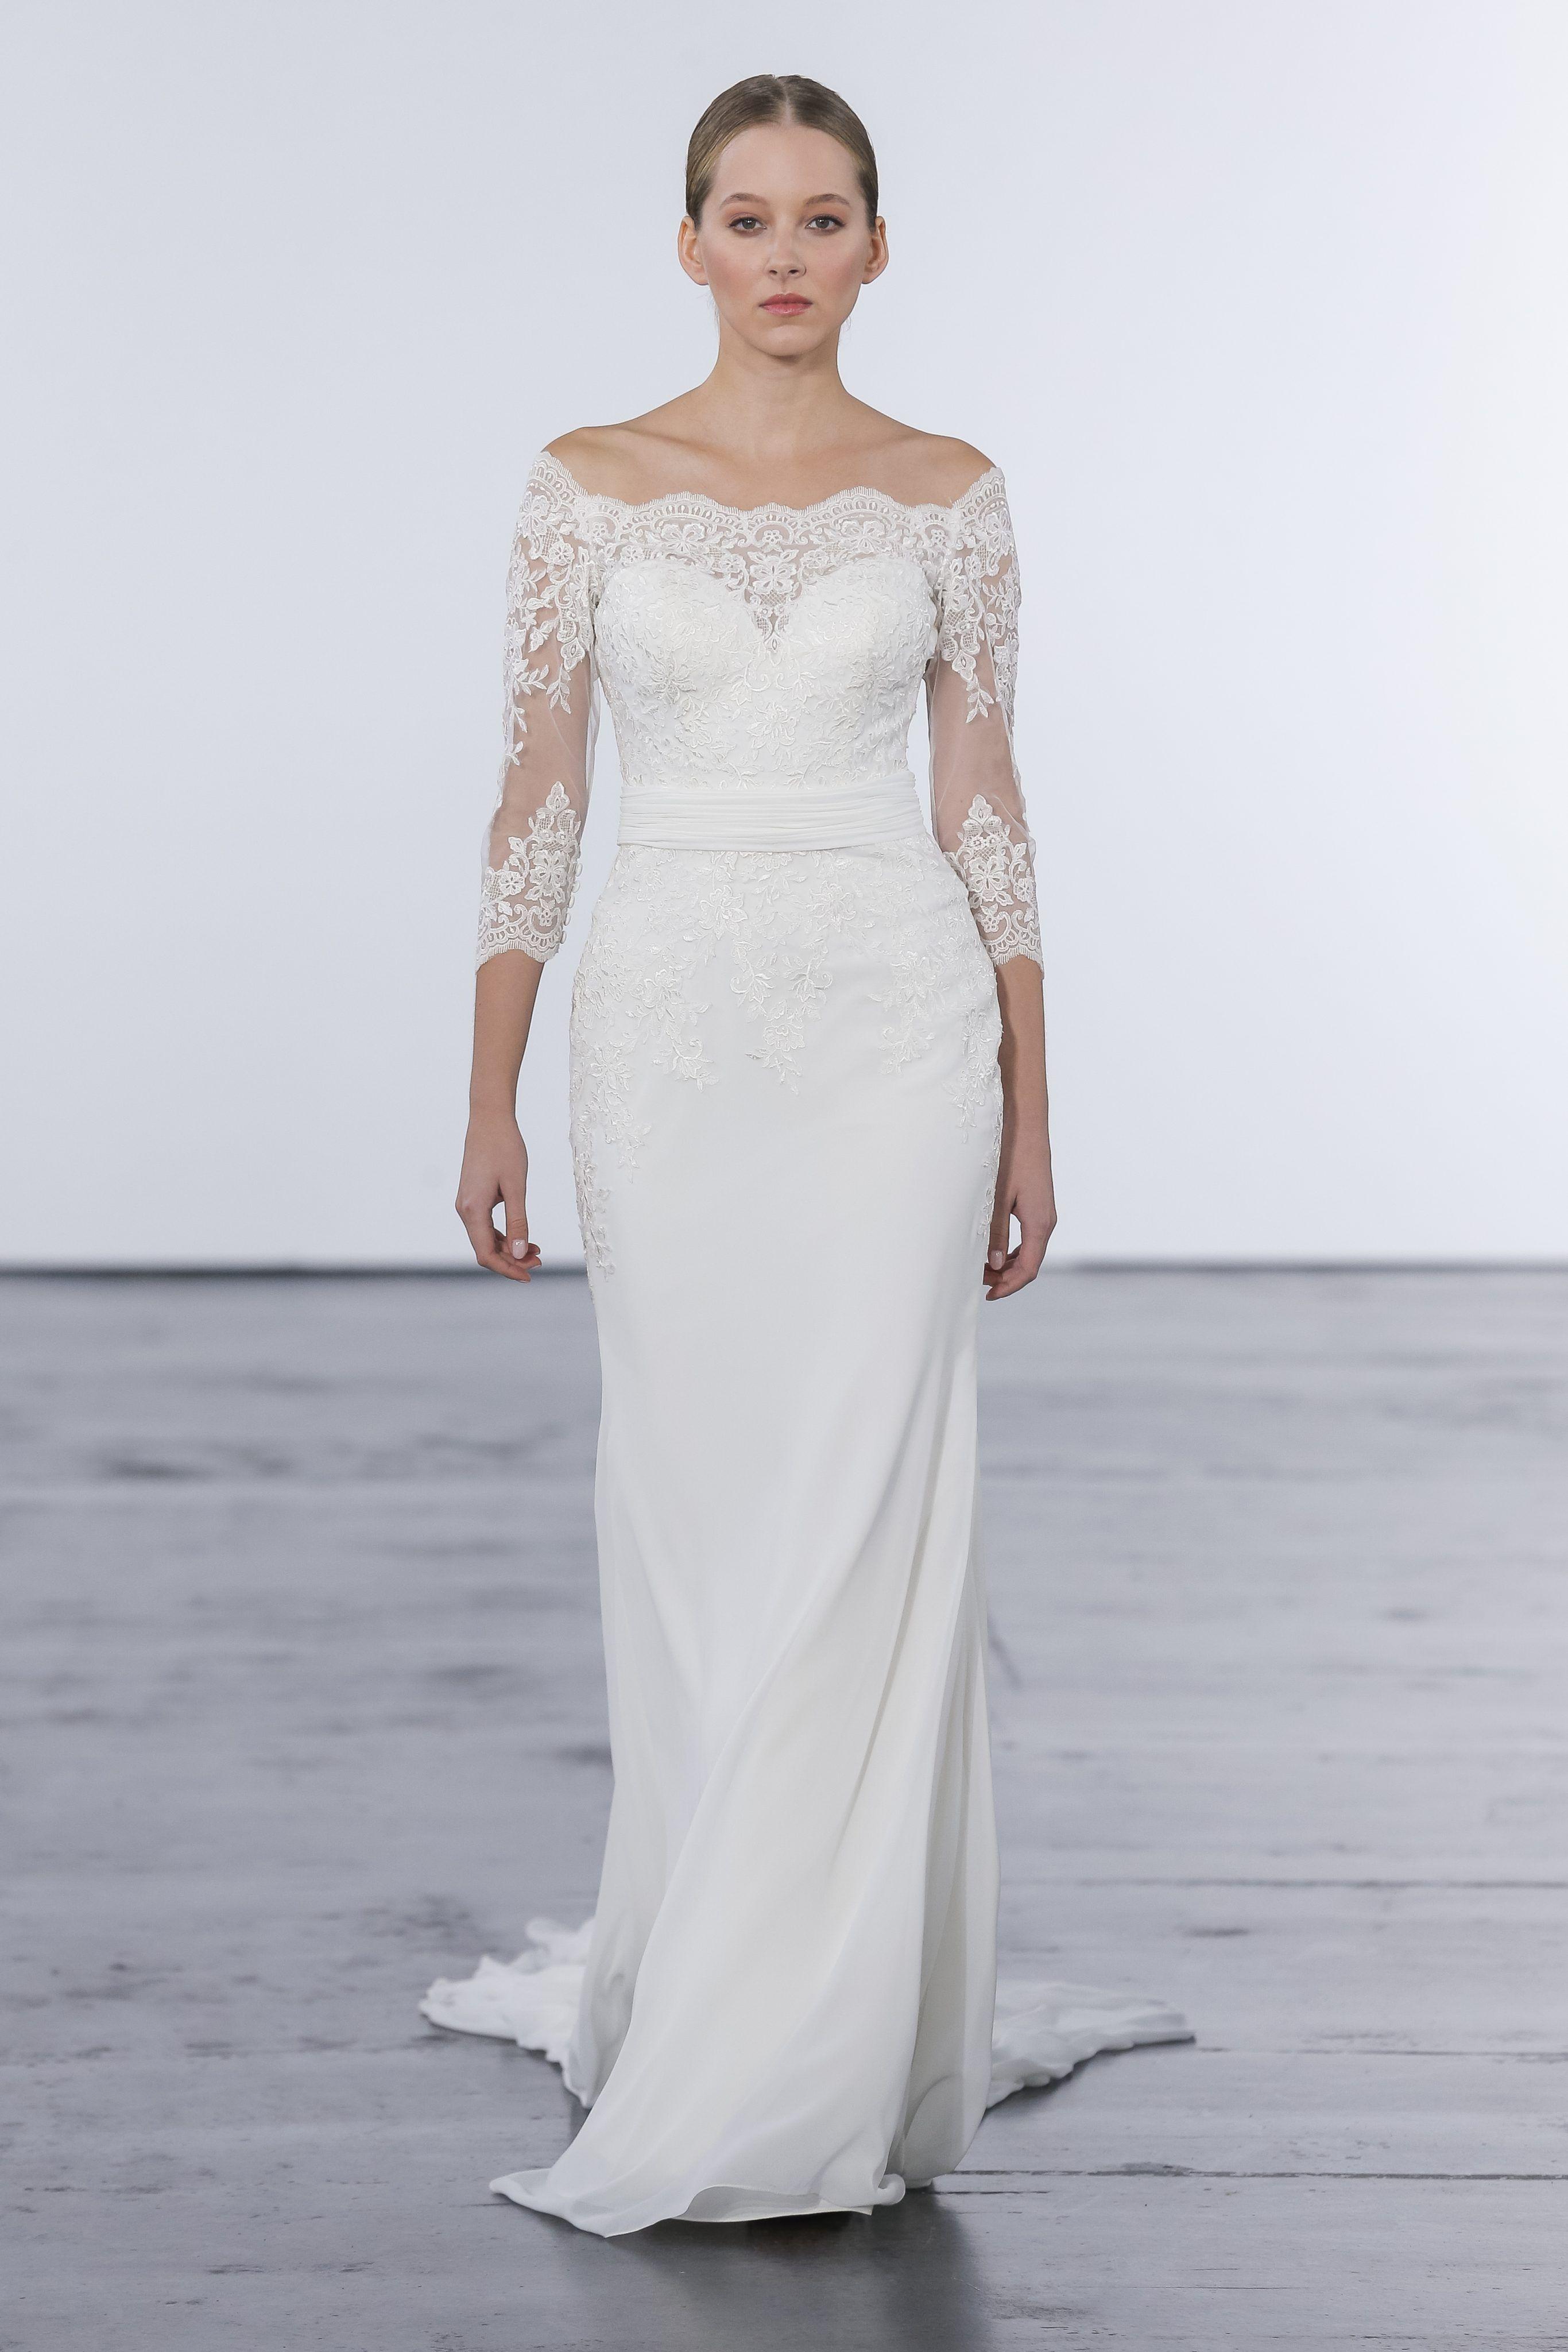 Wedding Dress For Short Women Sheath Wedding Dress Lace Fairy Wedding Dress Wedding Dresses Kleinfeld